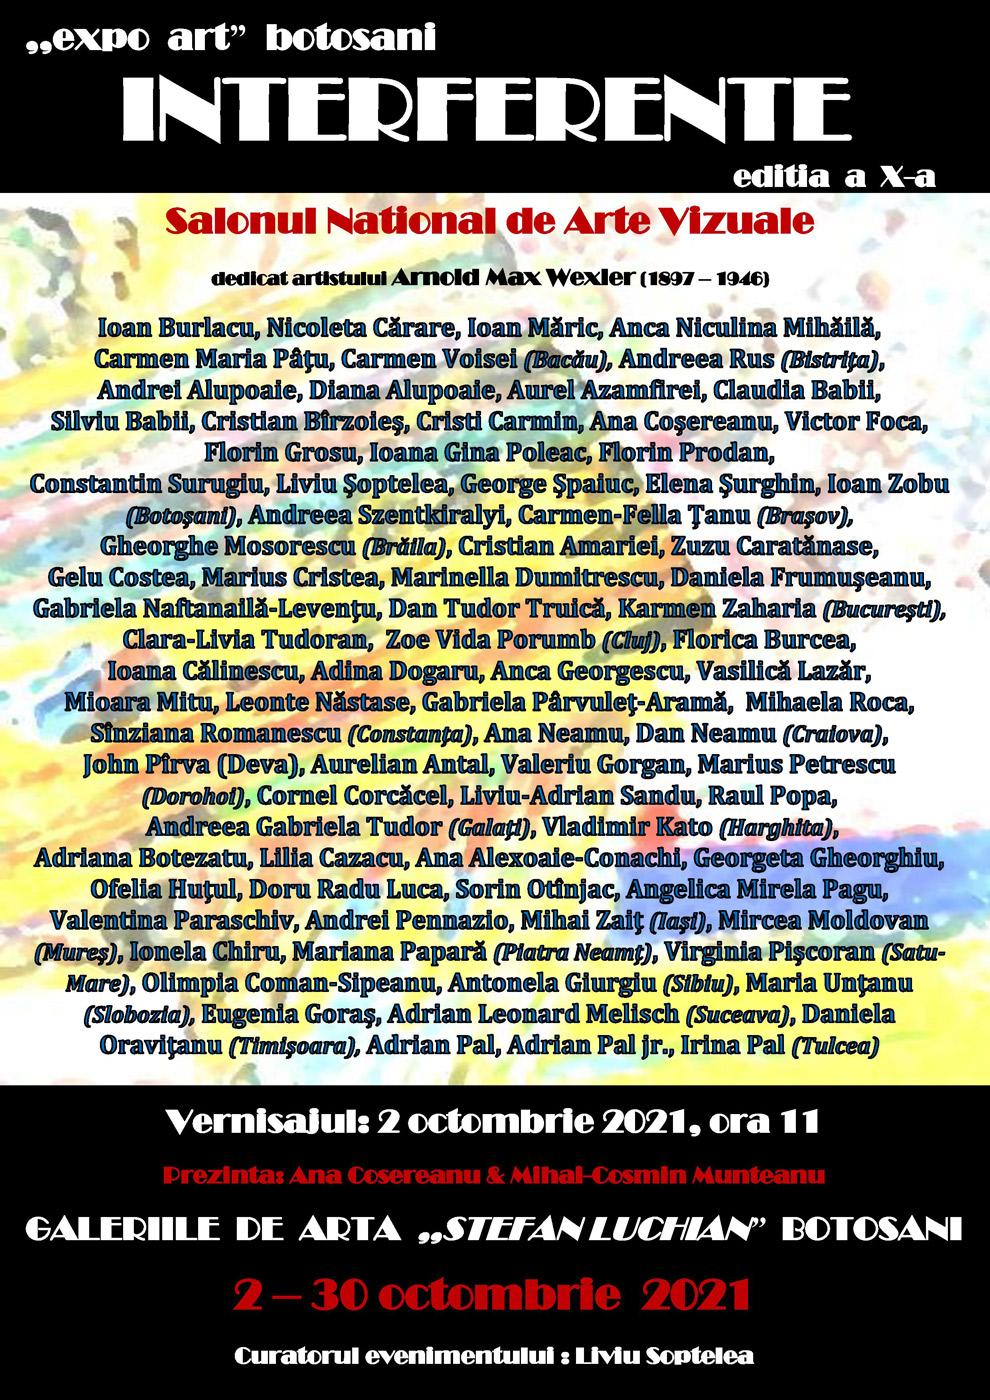 Salonul Național de Arte Vizuale INTERFERENȚE